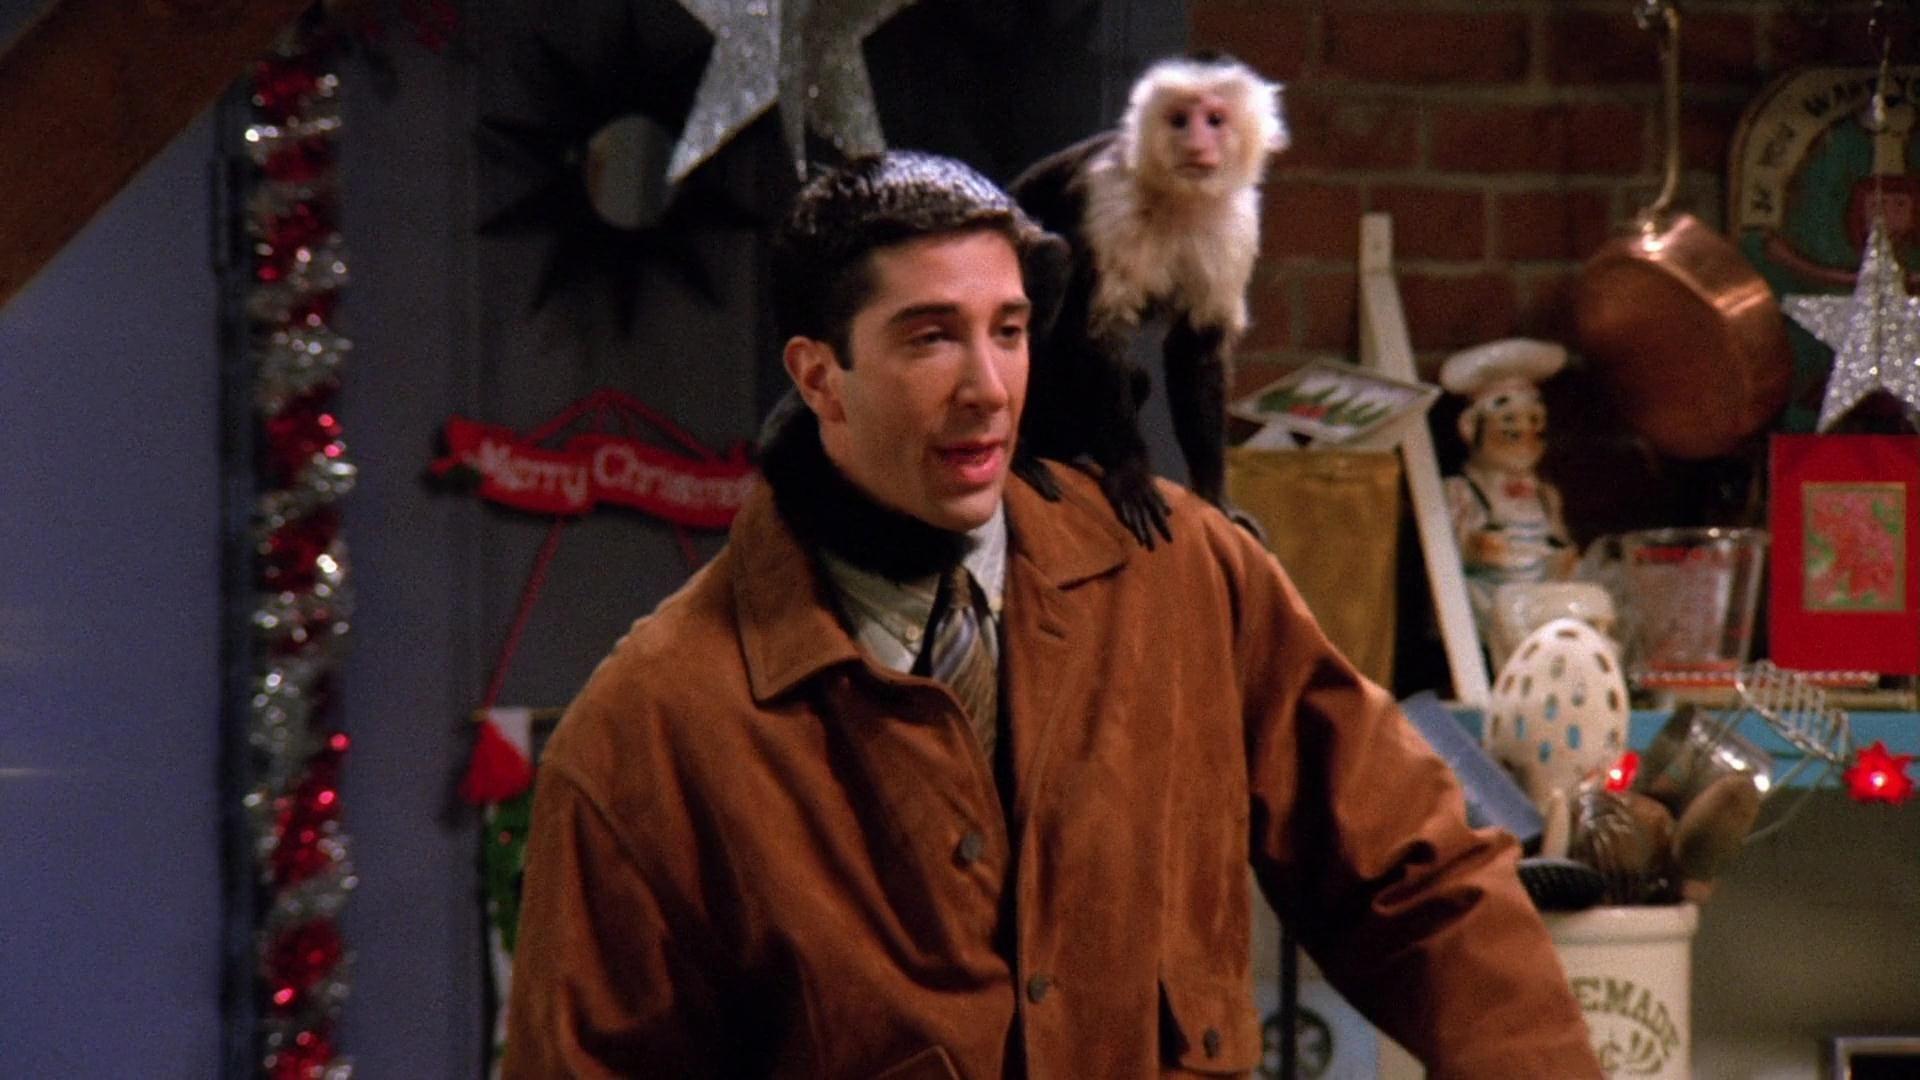 Ross y Marcel no se llevaban bien en 'Friends' - Friends